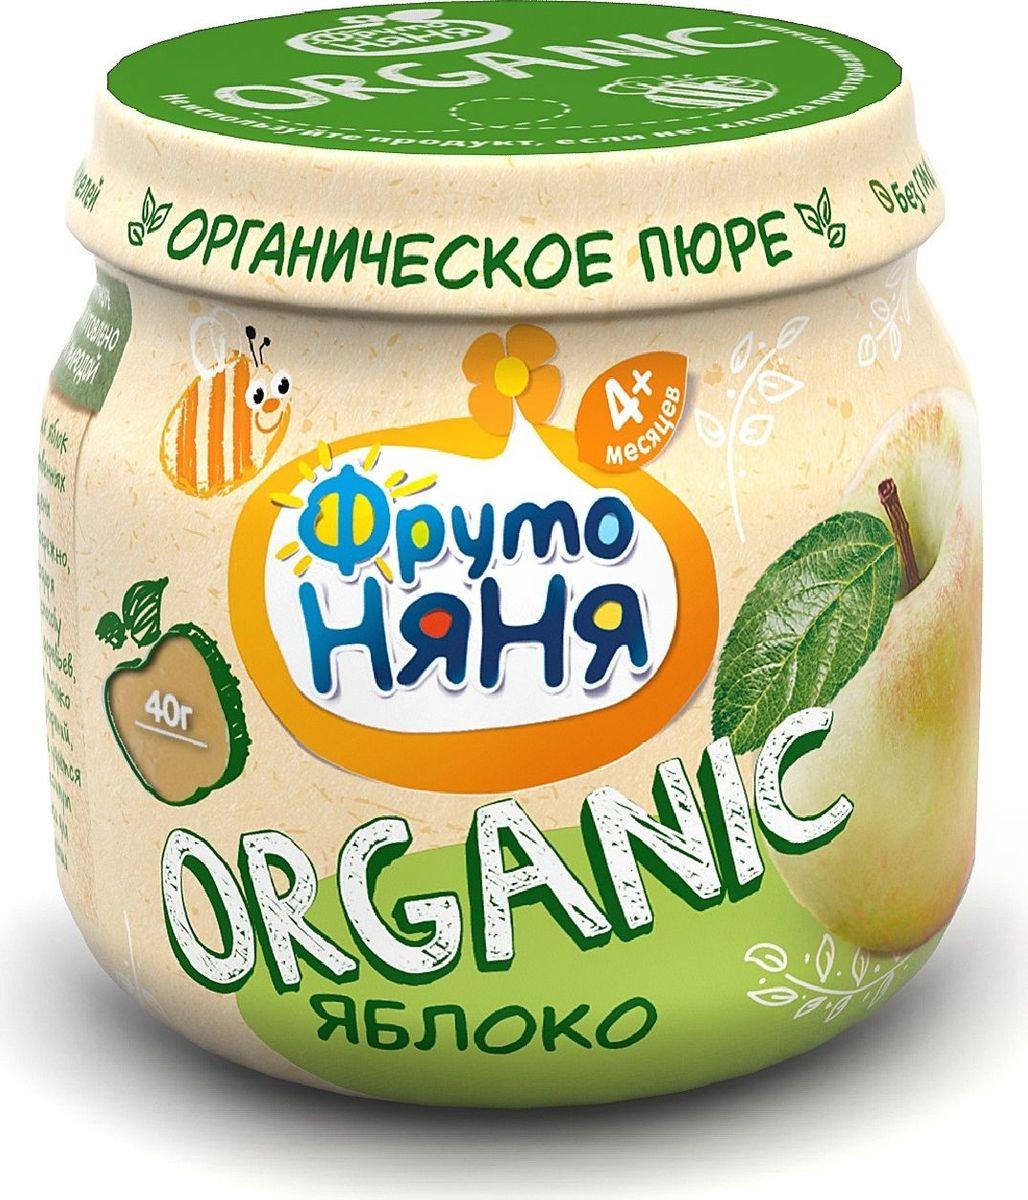 Фрутоняня Organic пюре яблоко с 6 месяцев, 80 г фрутоняня пюре халяль цыпленок и говядина с 6 месяцев 80 г